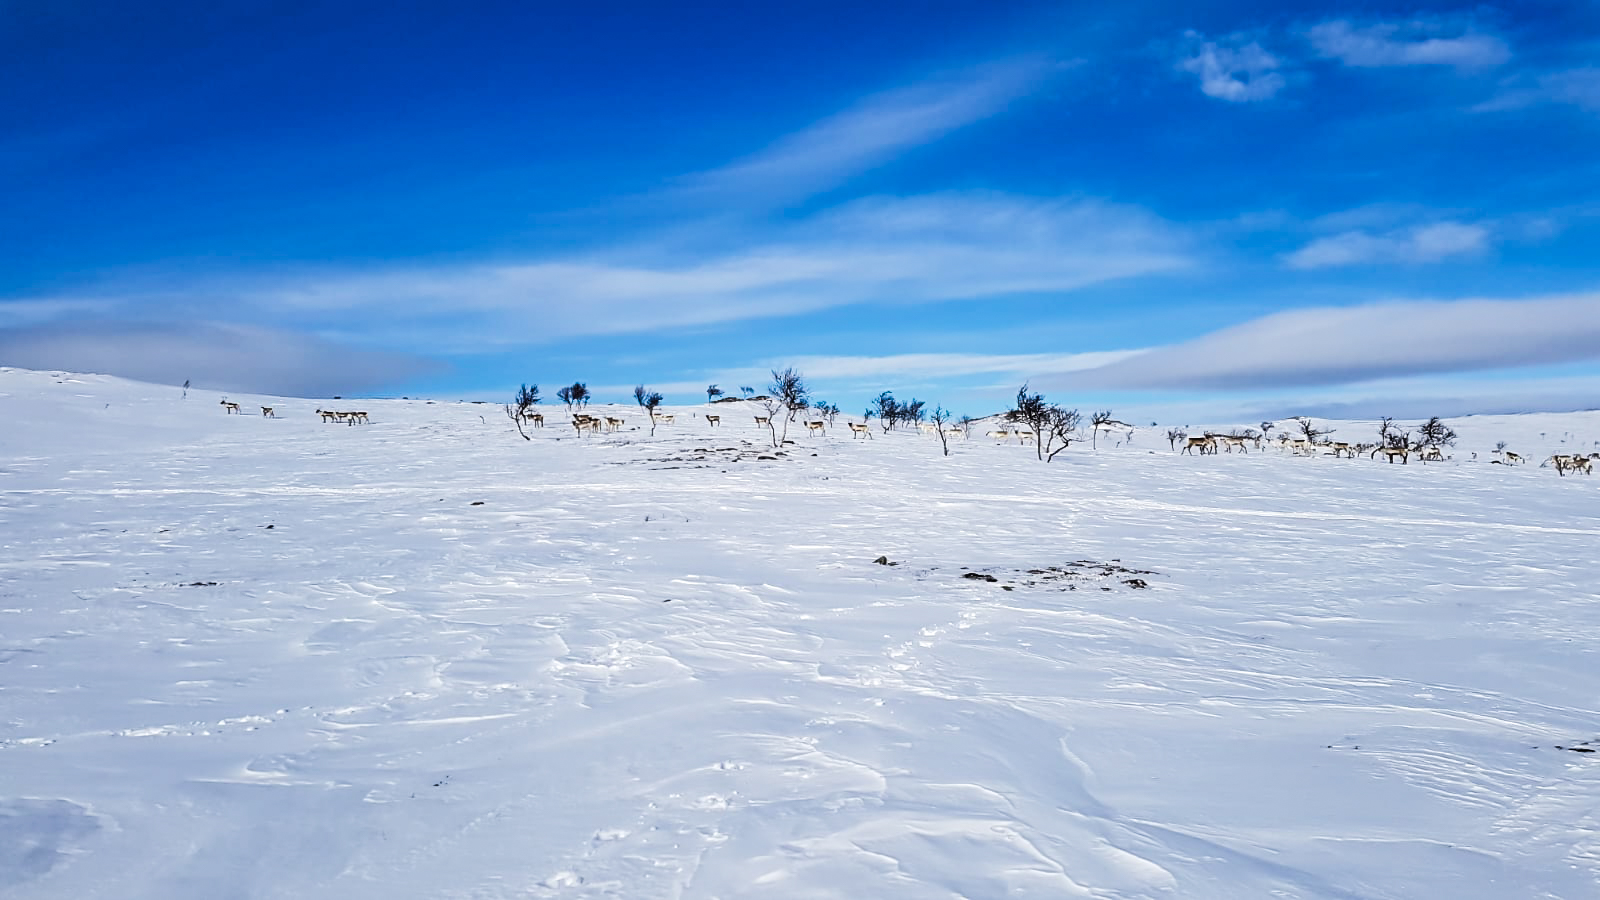 Reindeer herd in snowy landscape